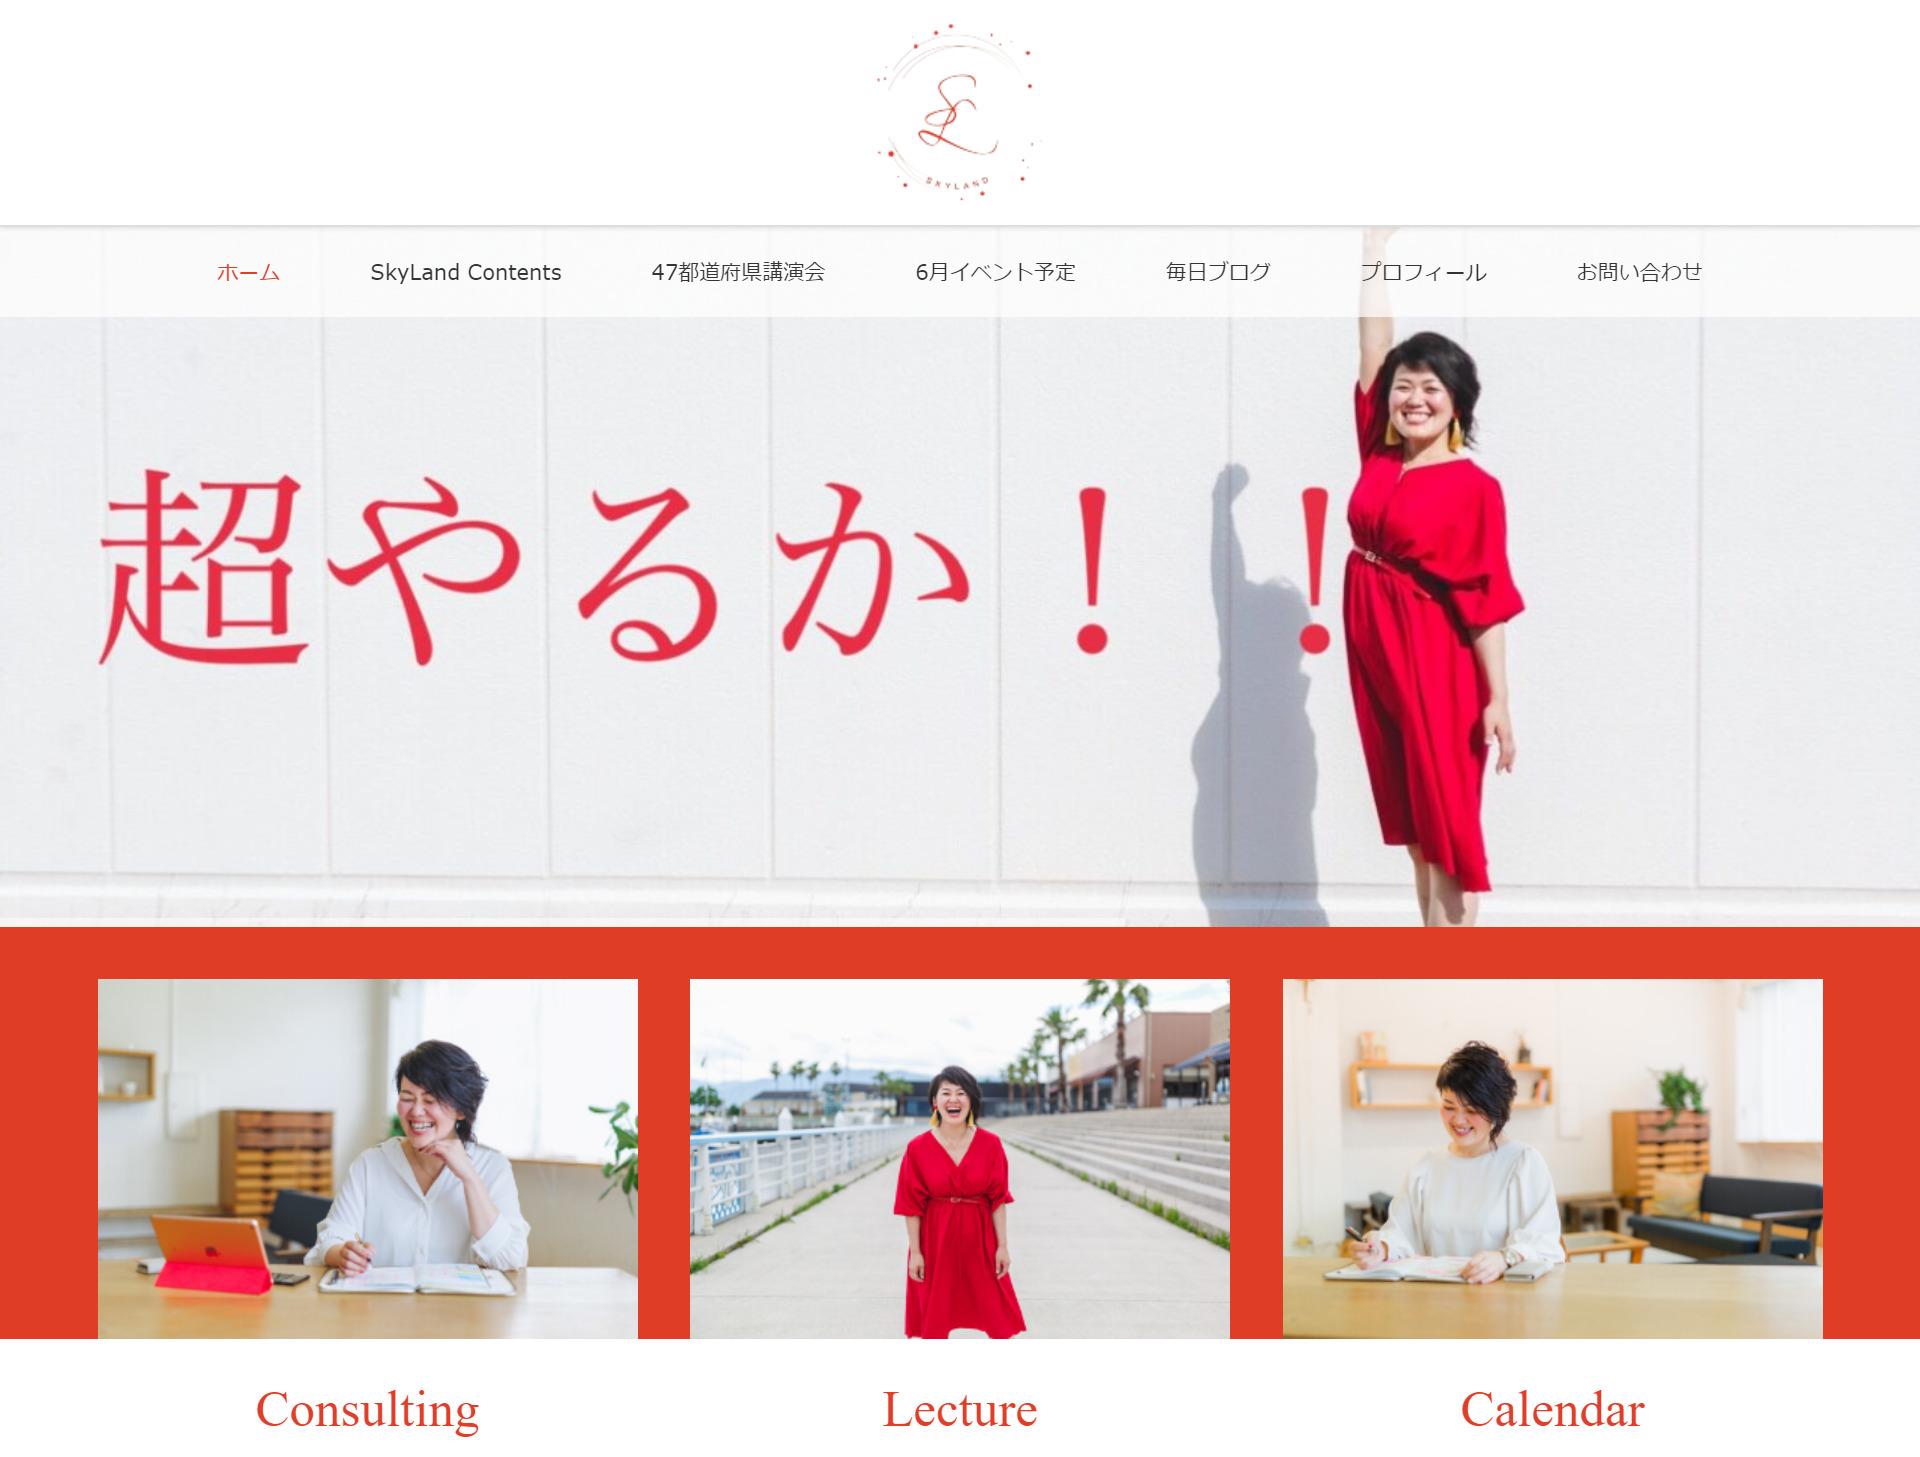 SkyLand川手直美公式ホームページ